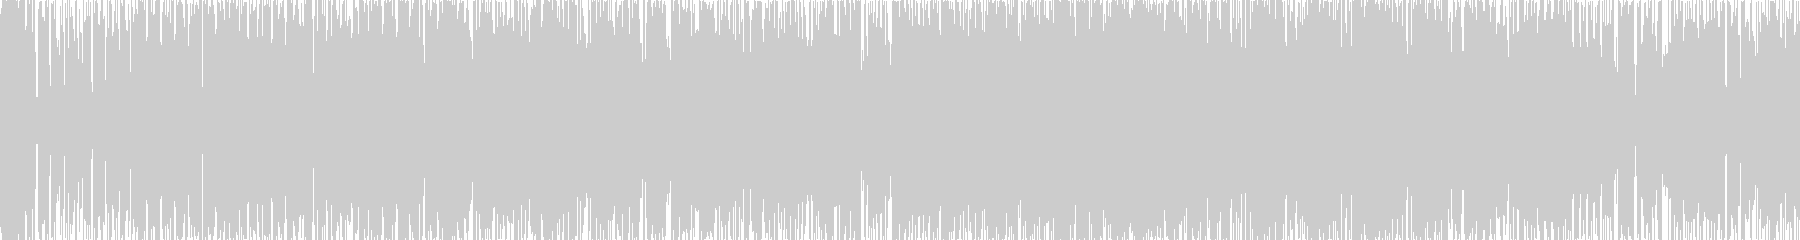 8bitピコピコの未再生の波形